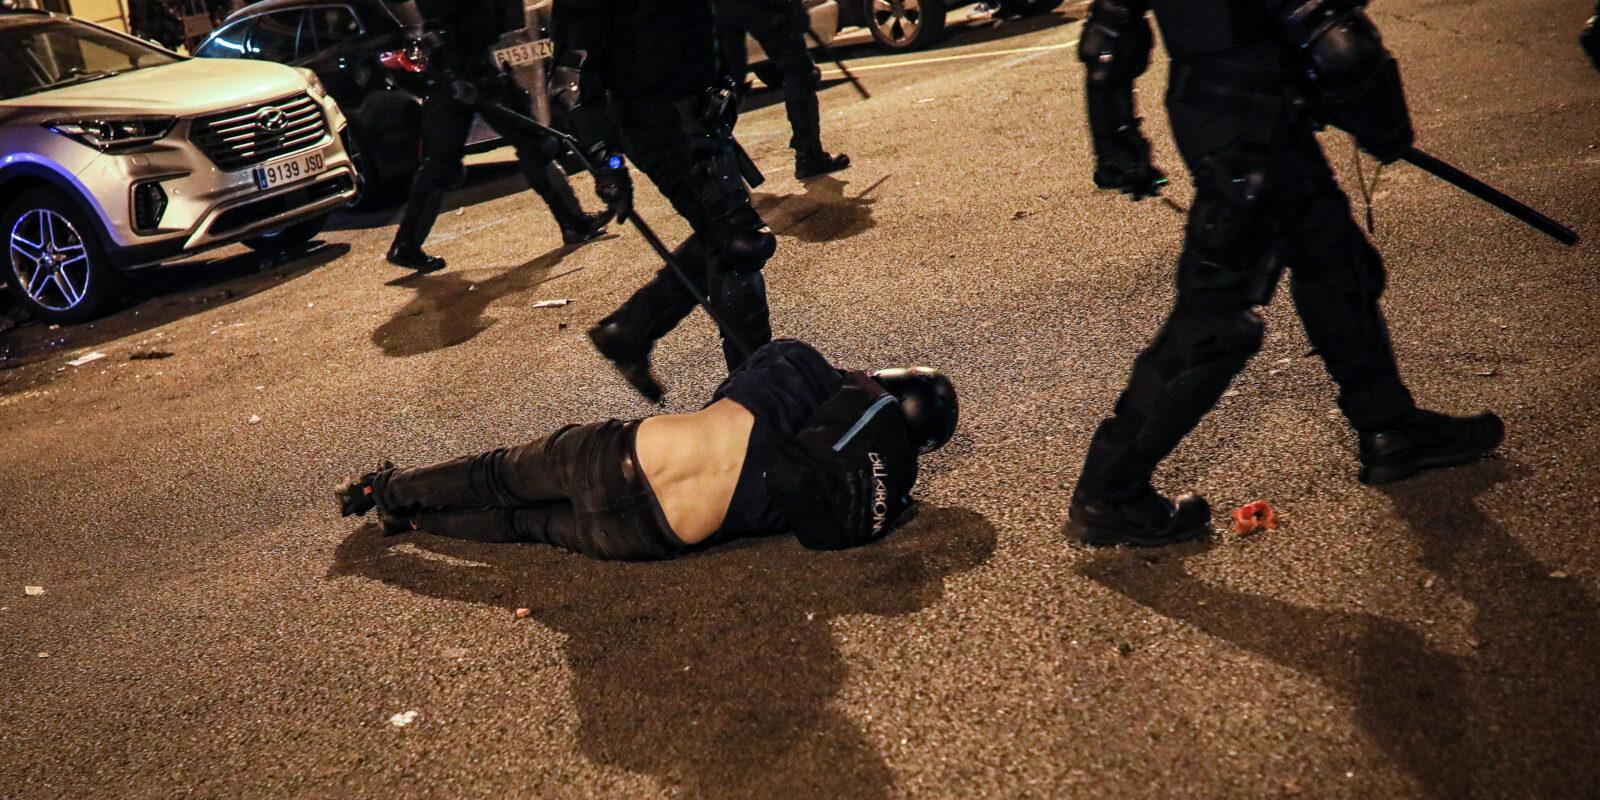 Un noi ferit durant els aldarulls per l'empresonament de Pablo Hasél / Jordi Borràs